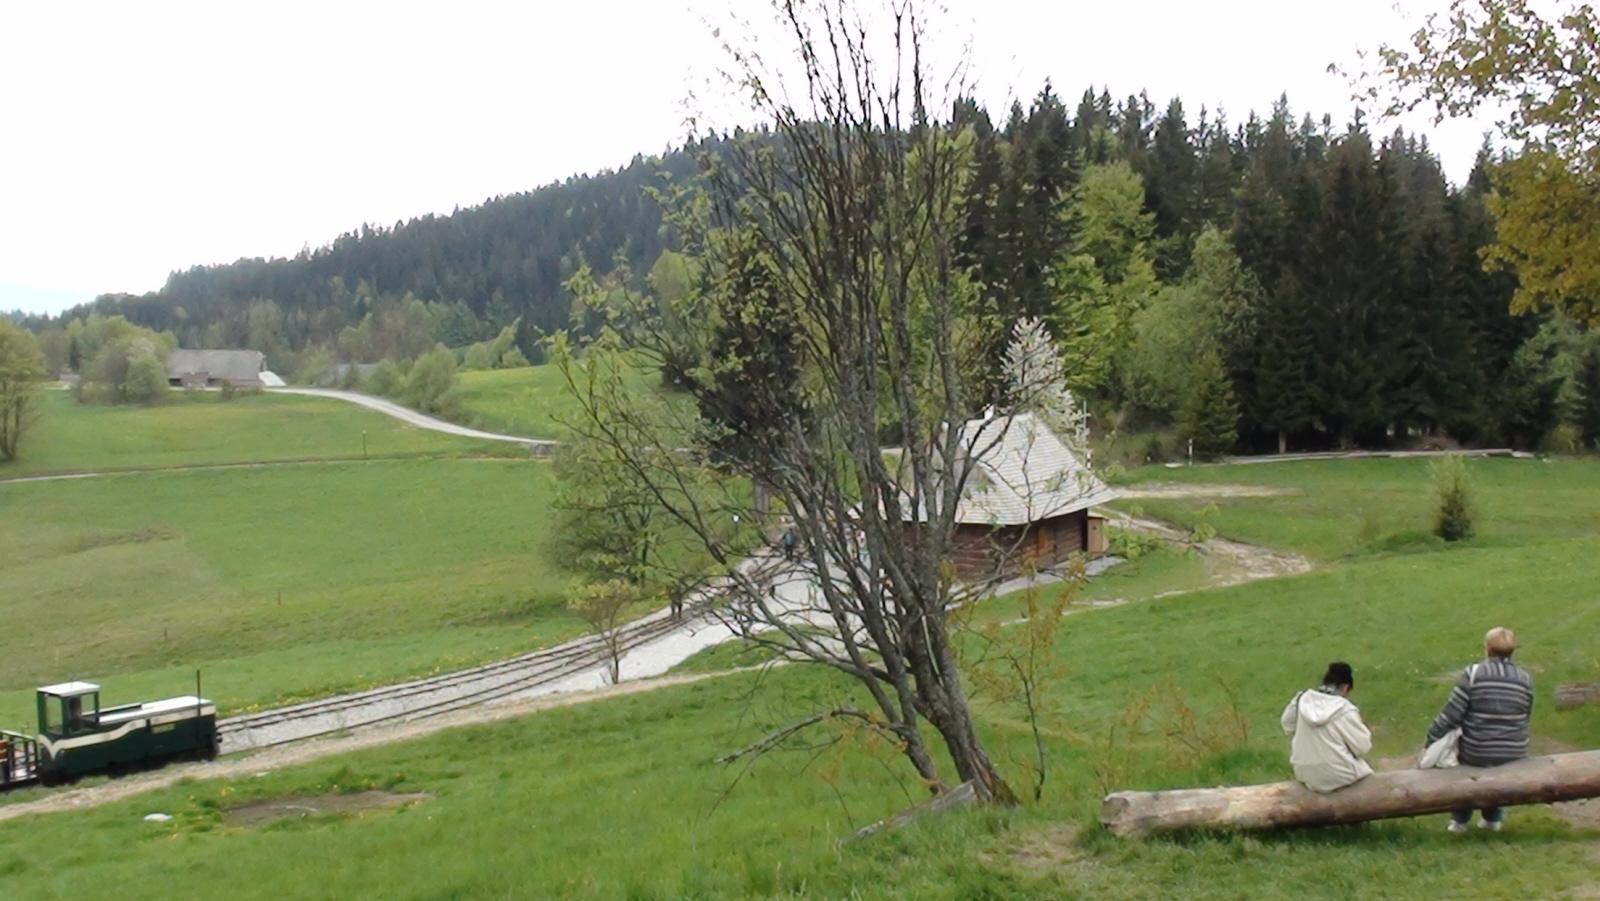 Tanečnik. Orawska kolejka leśna znów wozi ludzi